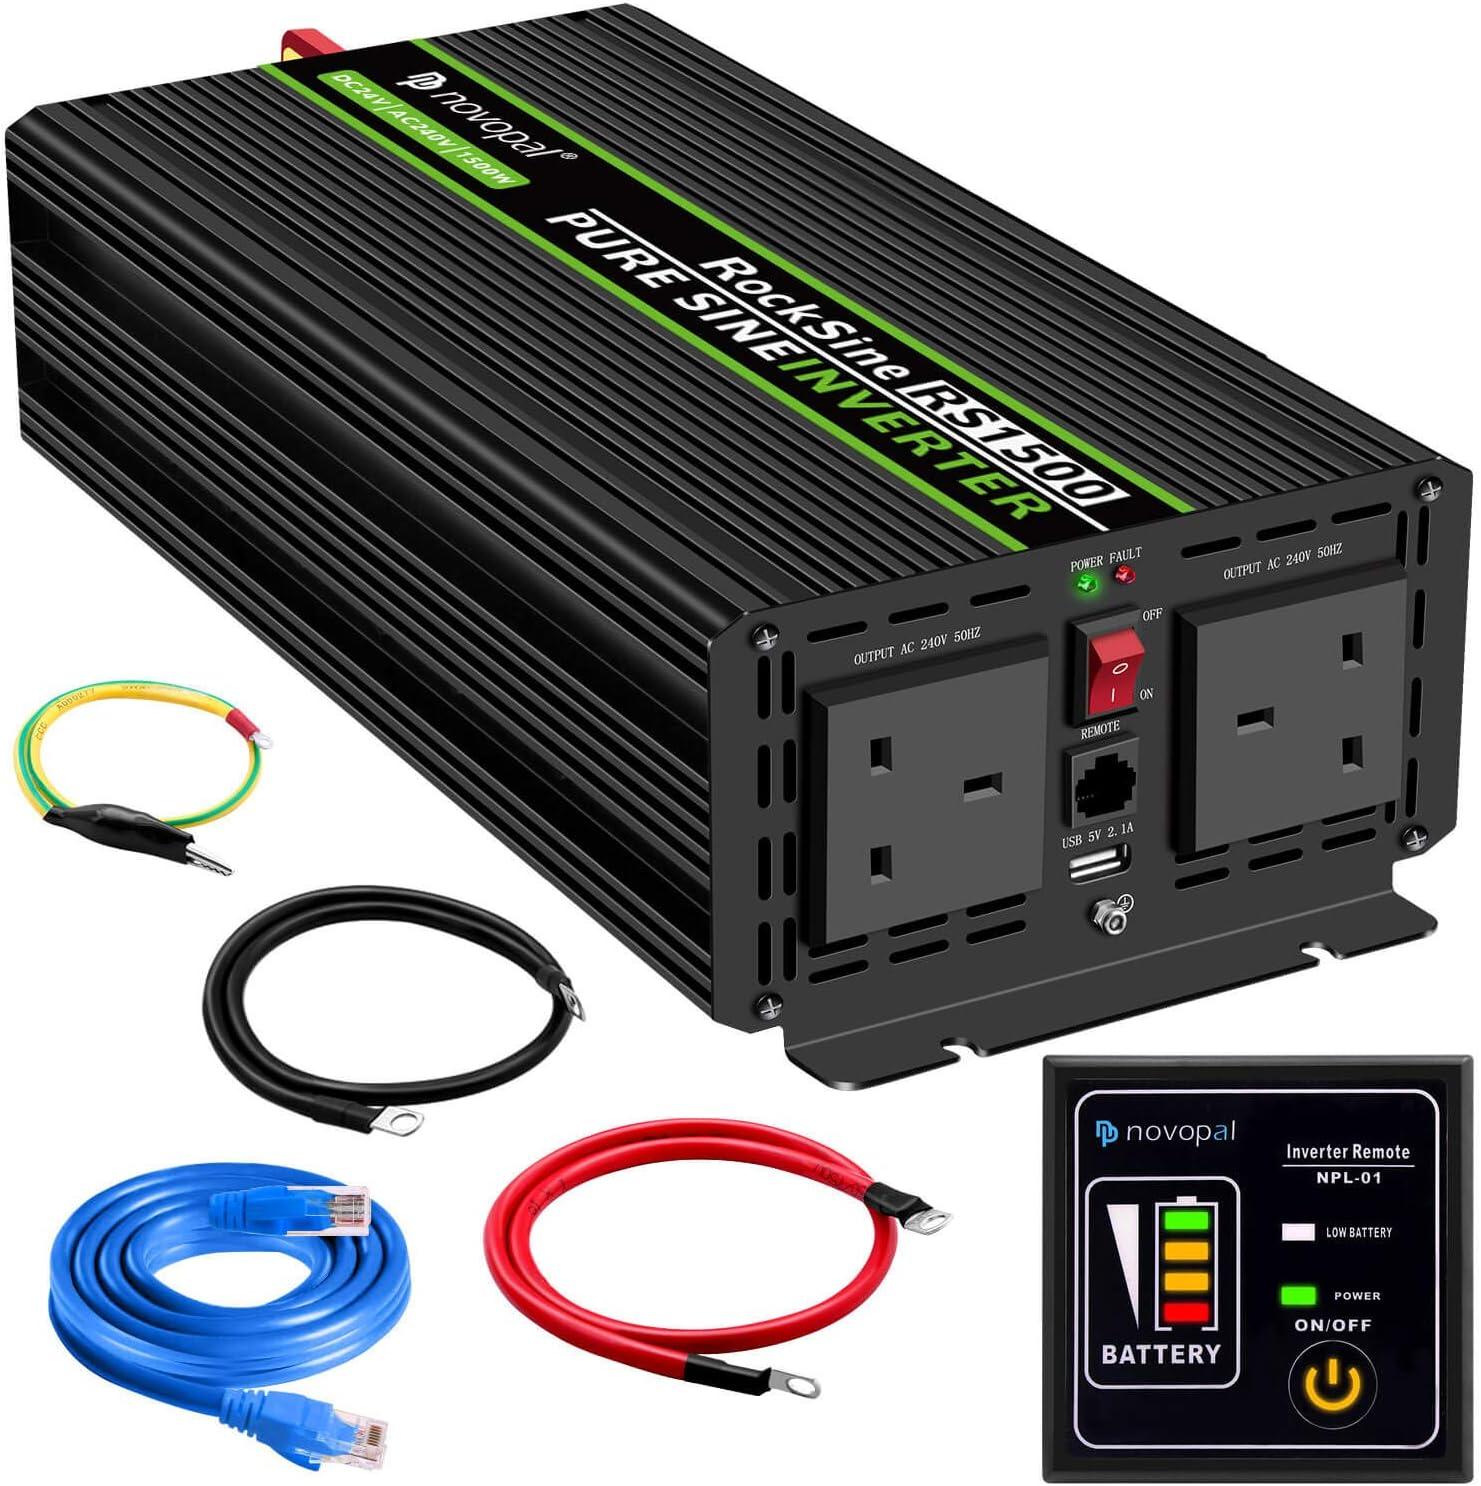 Inversor de corriente onda sinusoidal pura, 1500 W, 24 V CC a 230 V/240 V CA, convertidor de 2 salidas AC para coche con un puerto USB, mando a distancia de 5 metros y dos ventiladores de enfriamiento